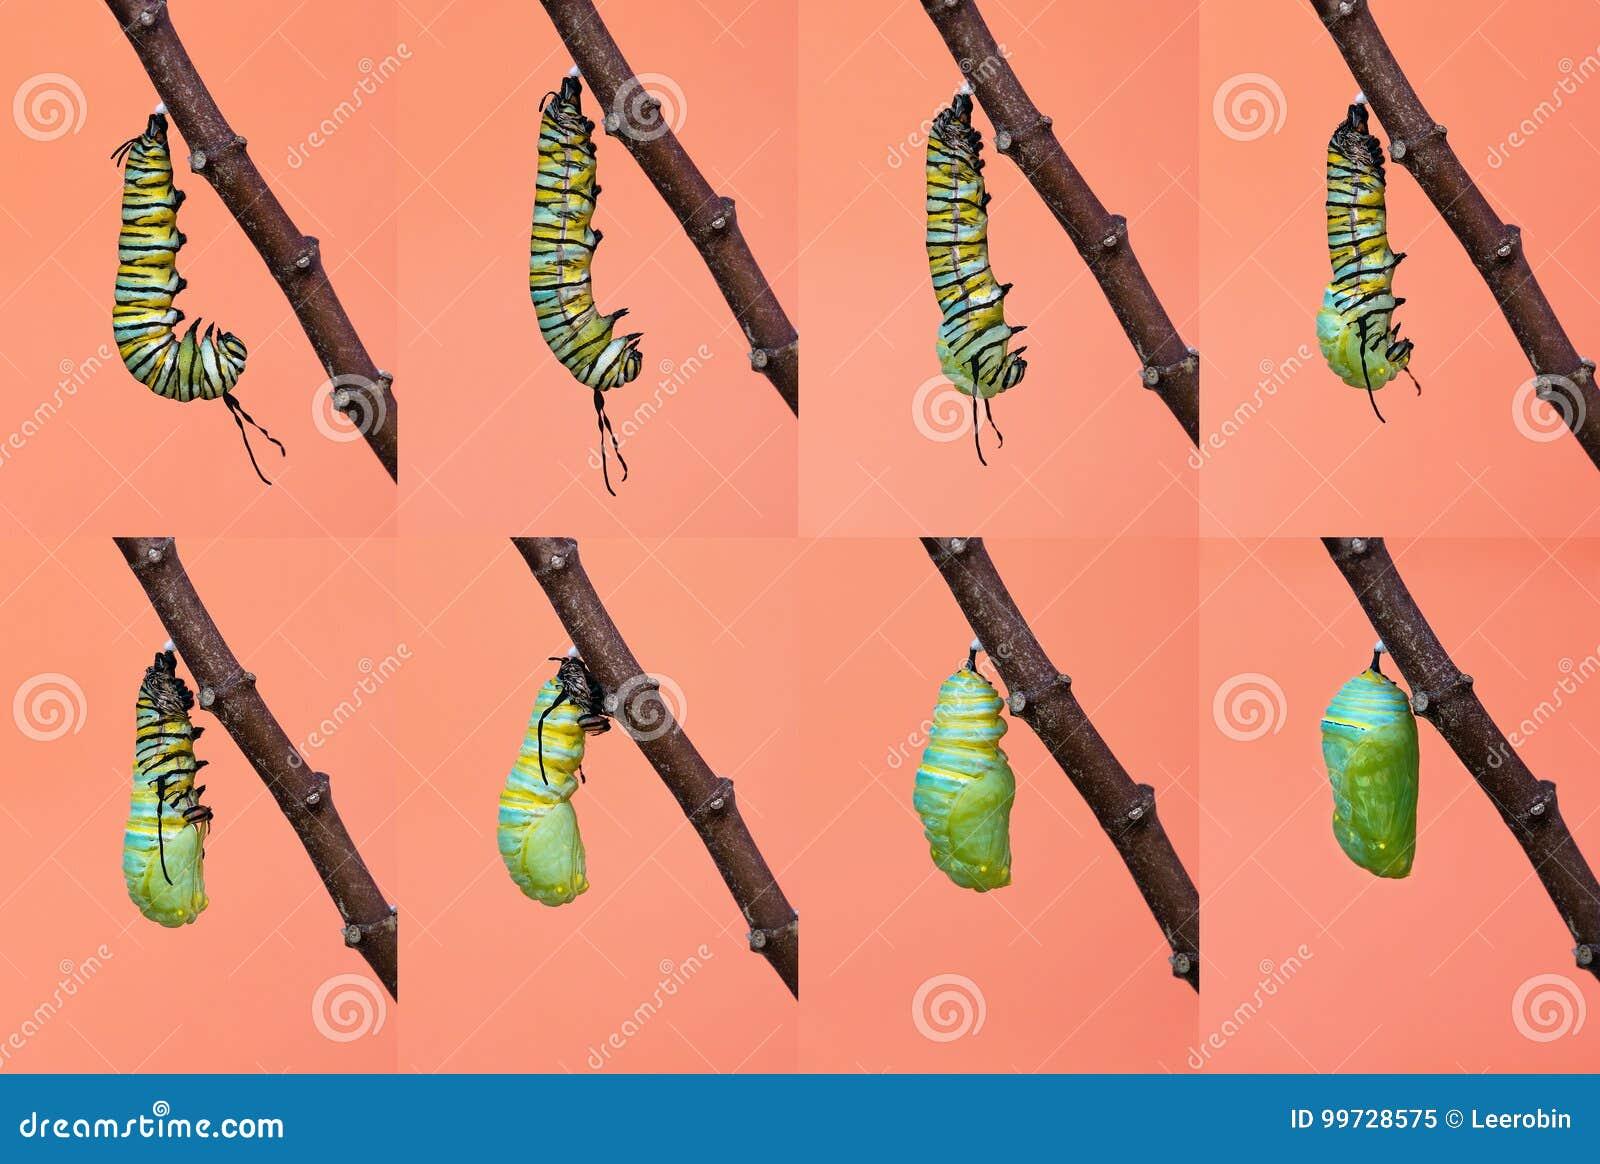 De metamorfose van de monarchvlinder van rupsband aan pop